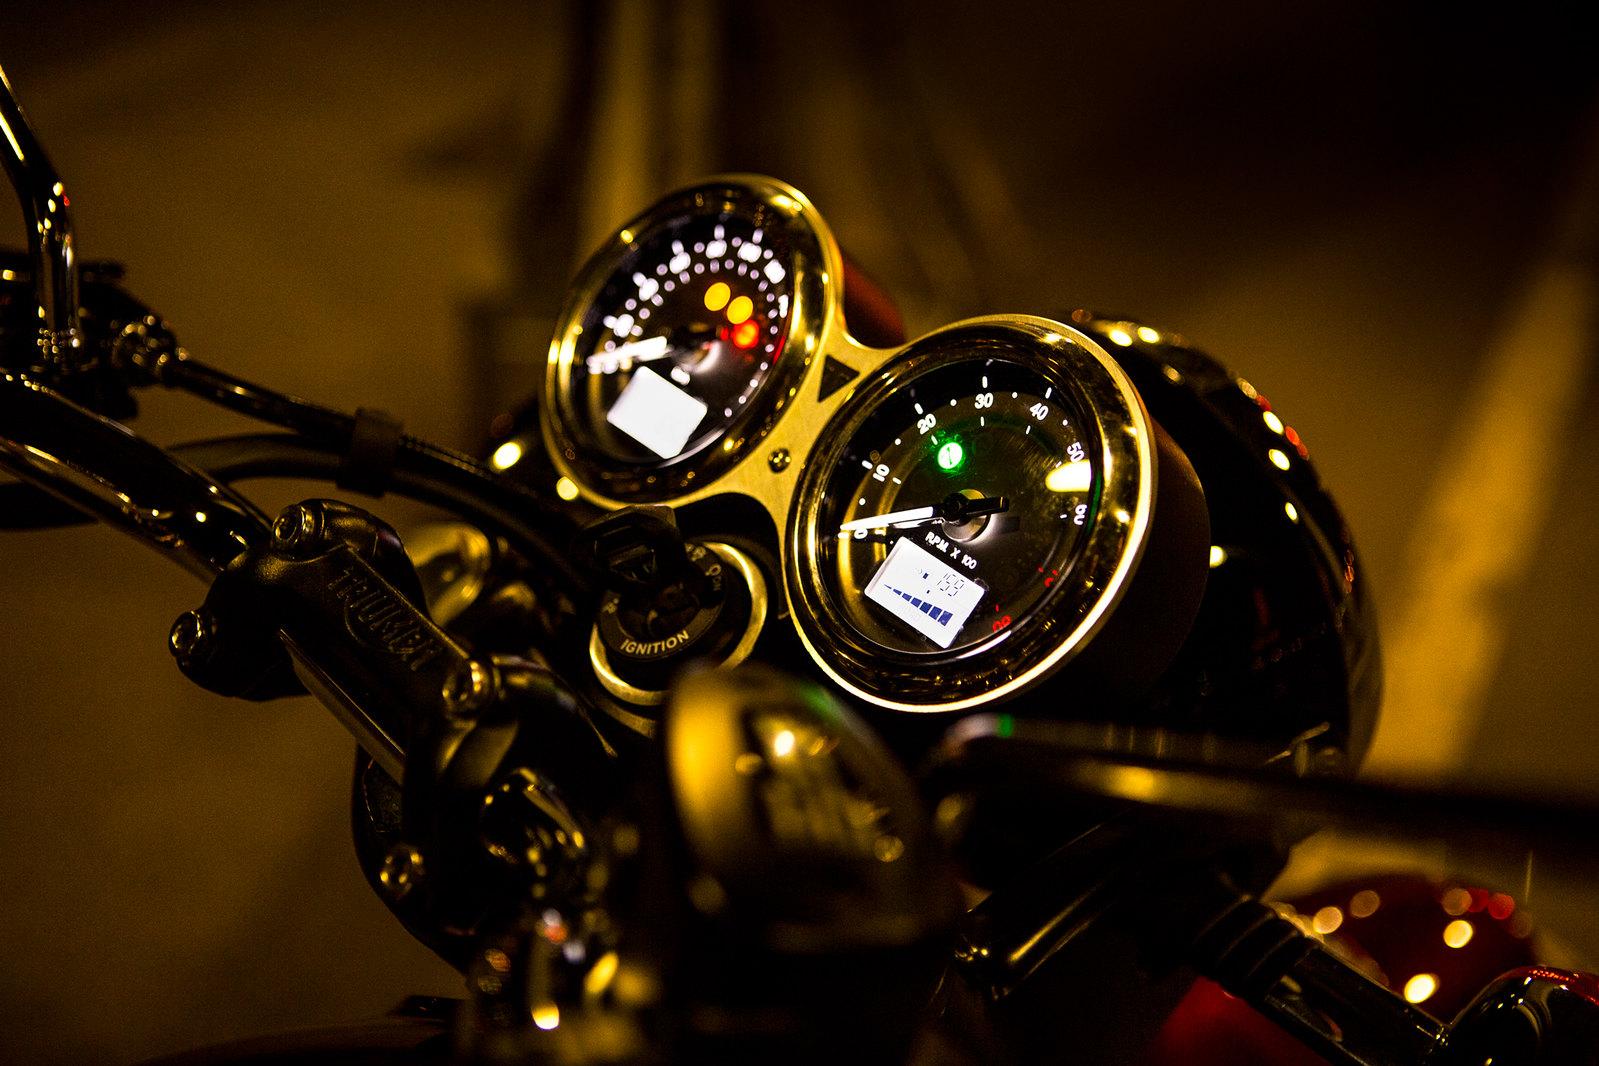 Essai-moto-triumph-bonneville-t120 (2)